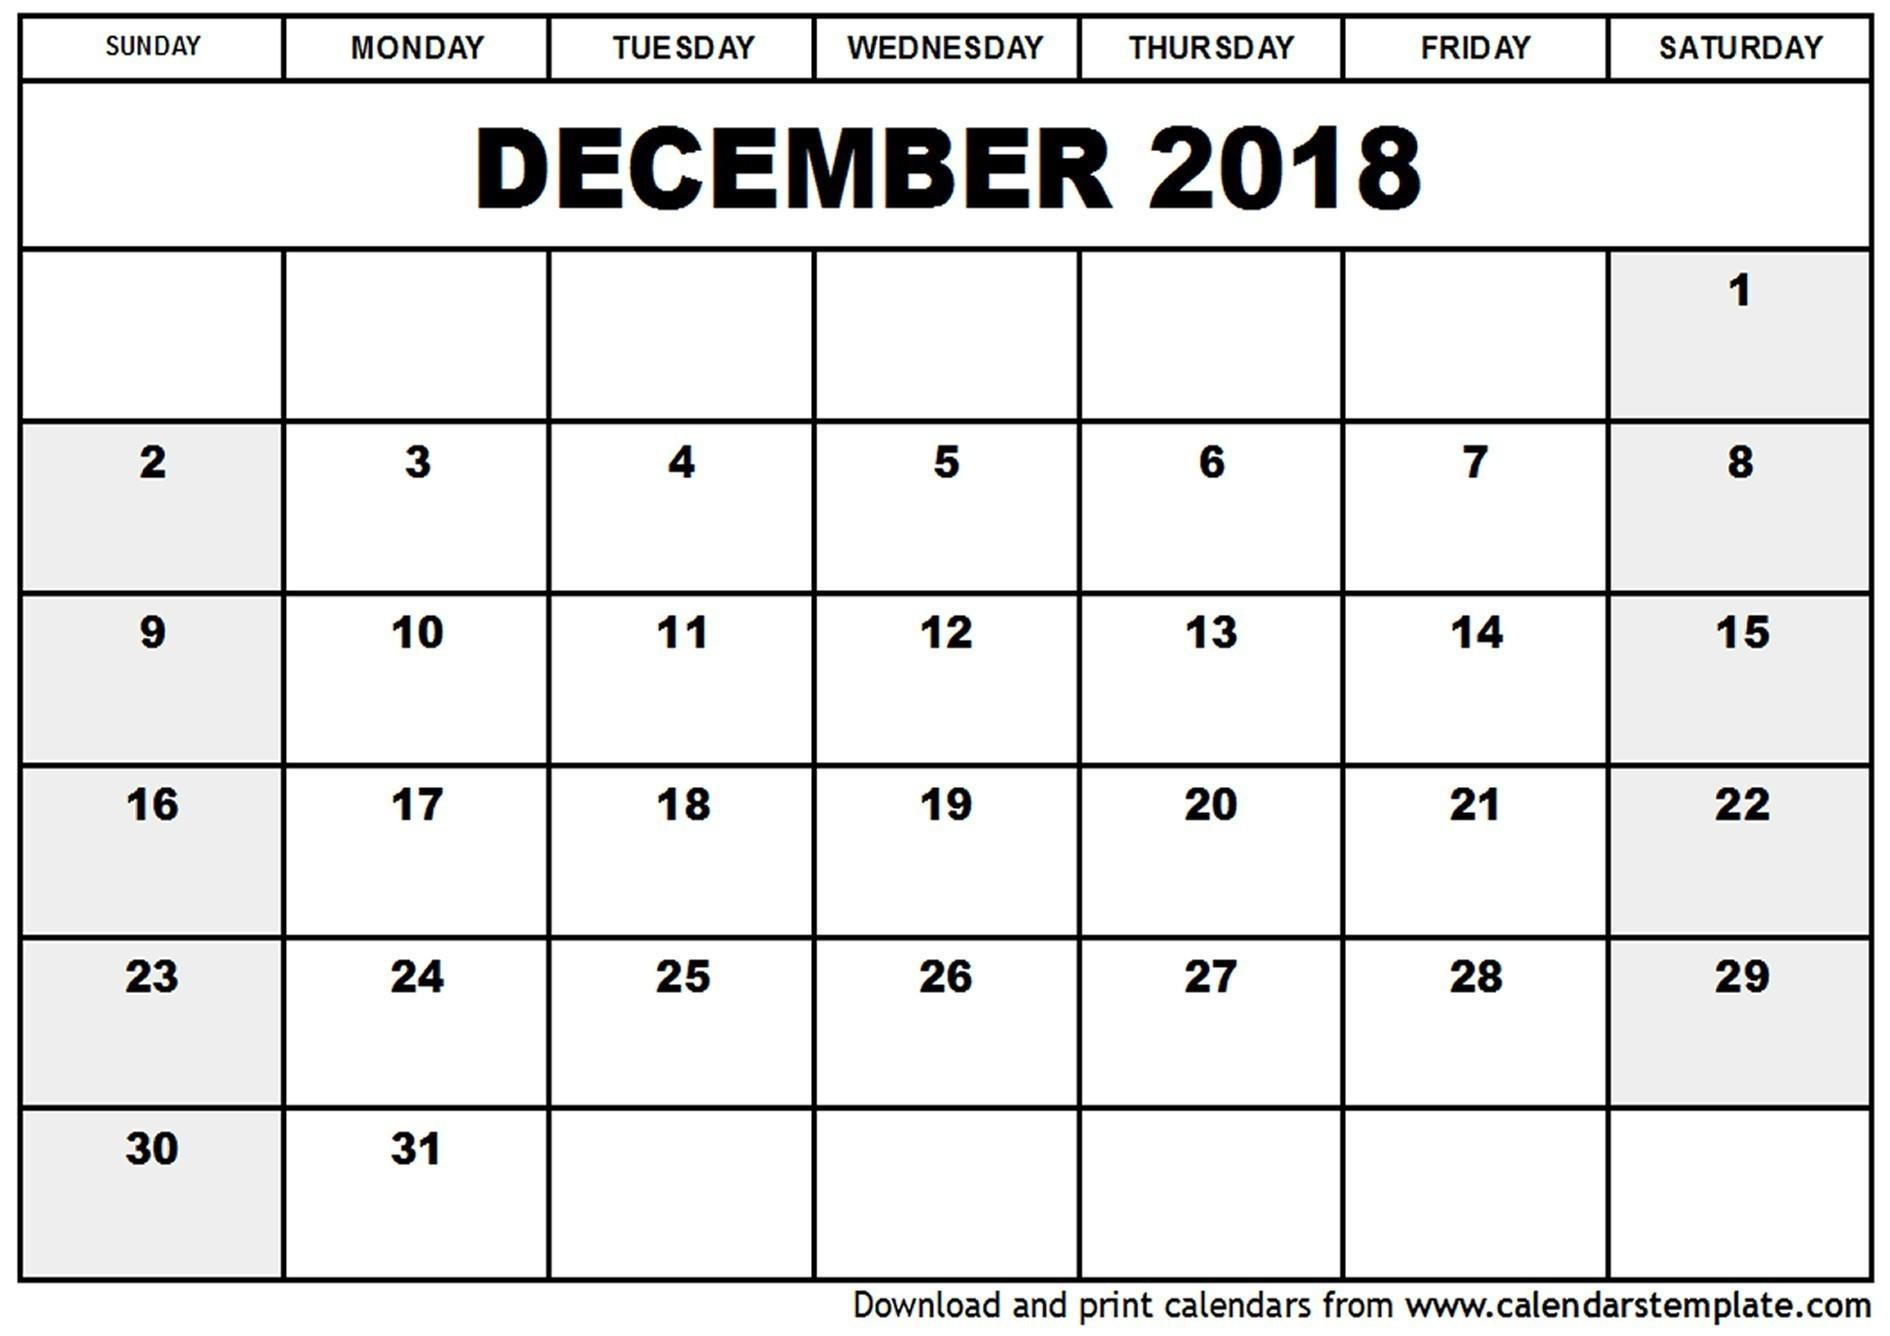 March Calendar 2019 Más Reciente Printable Julian Date Calendar 2019 Julian Calendar Printable Unique Of March Calendar 2019 Mejores Y Más Novedosos 30 Day Calendar Template Awesome Calendar 1 April 2018 to 31 March